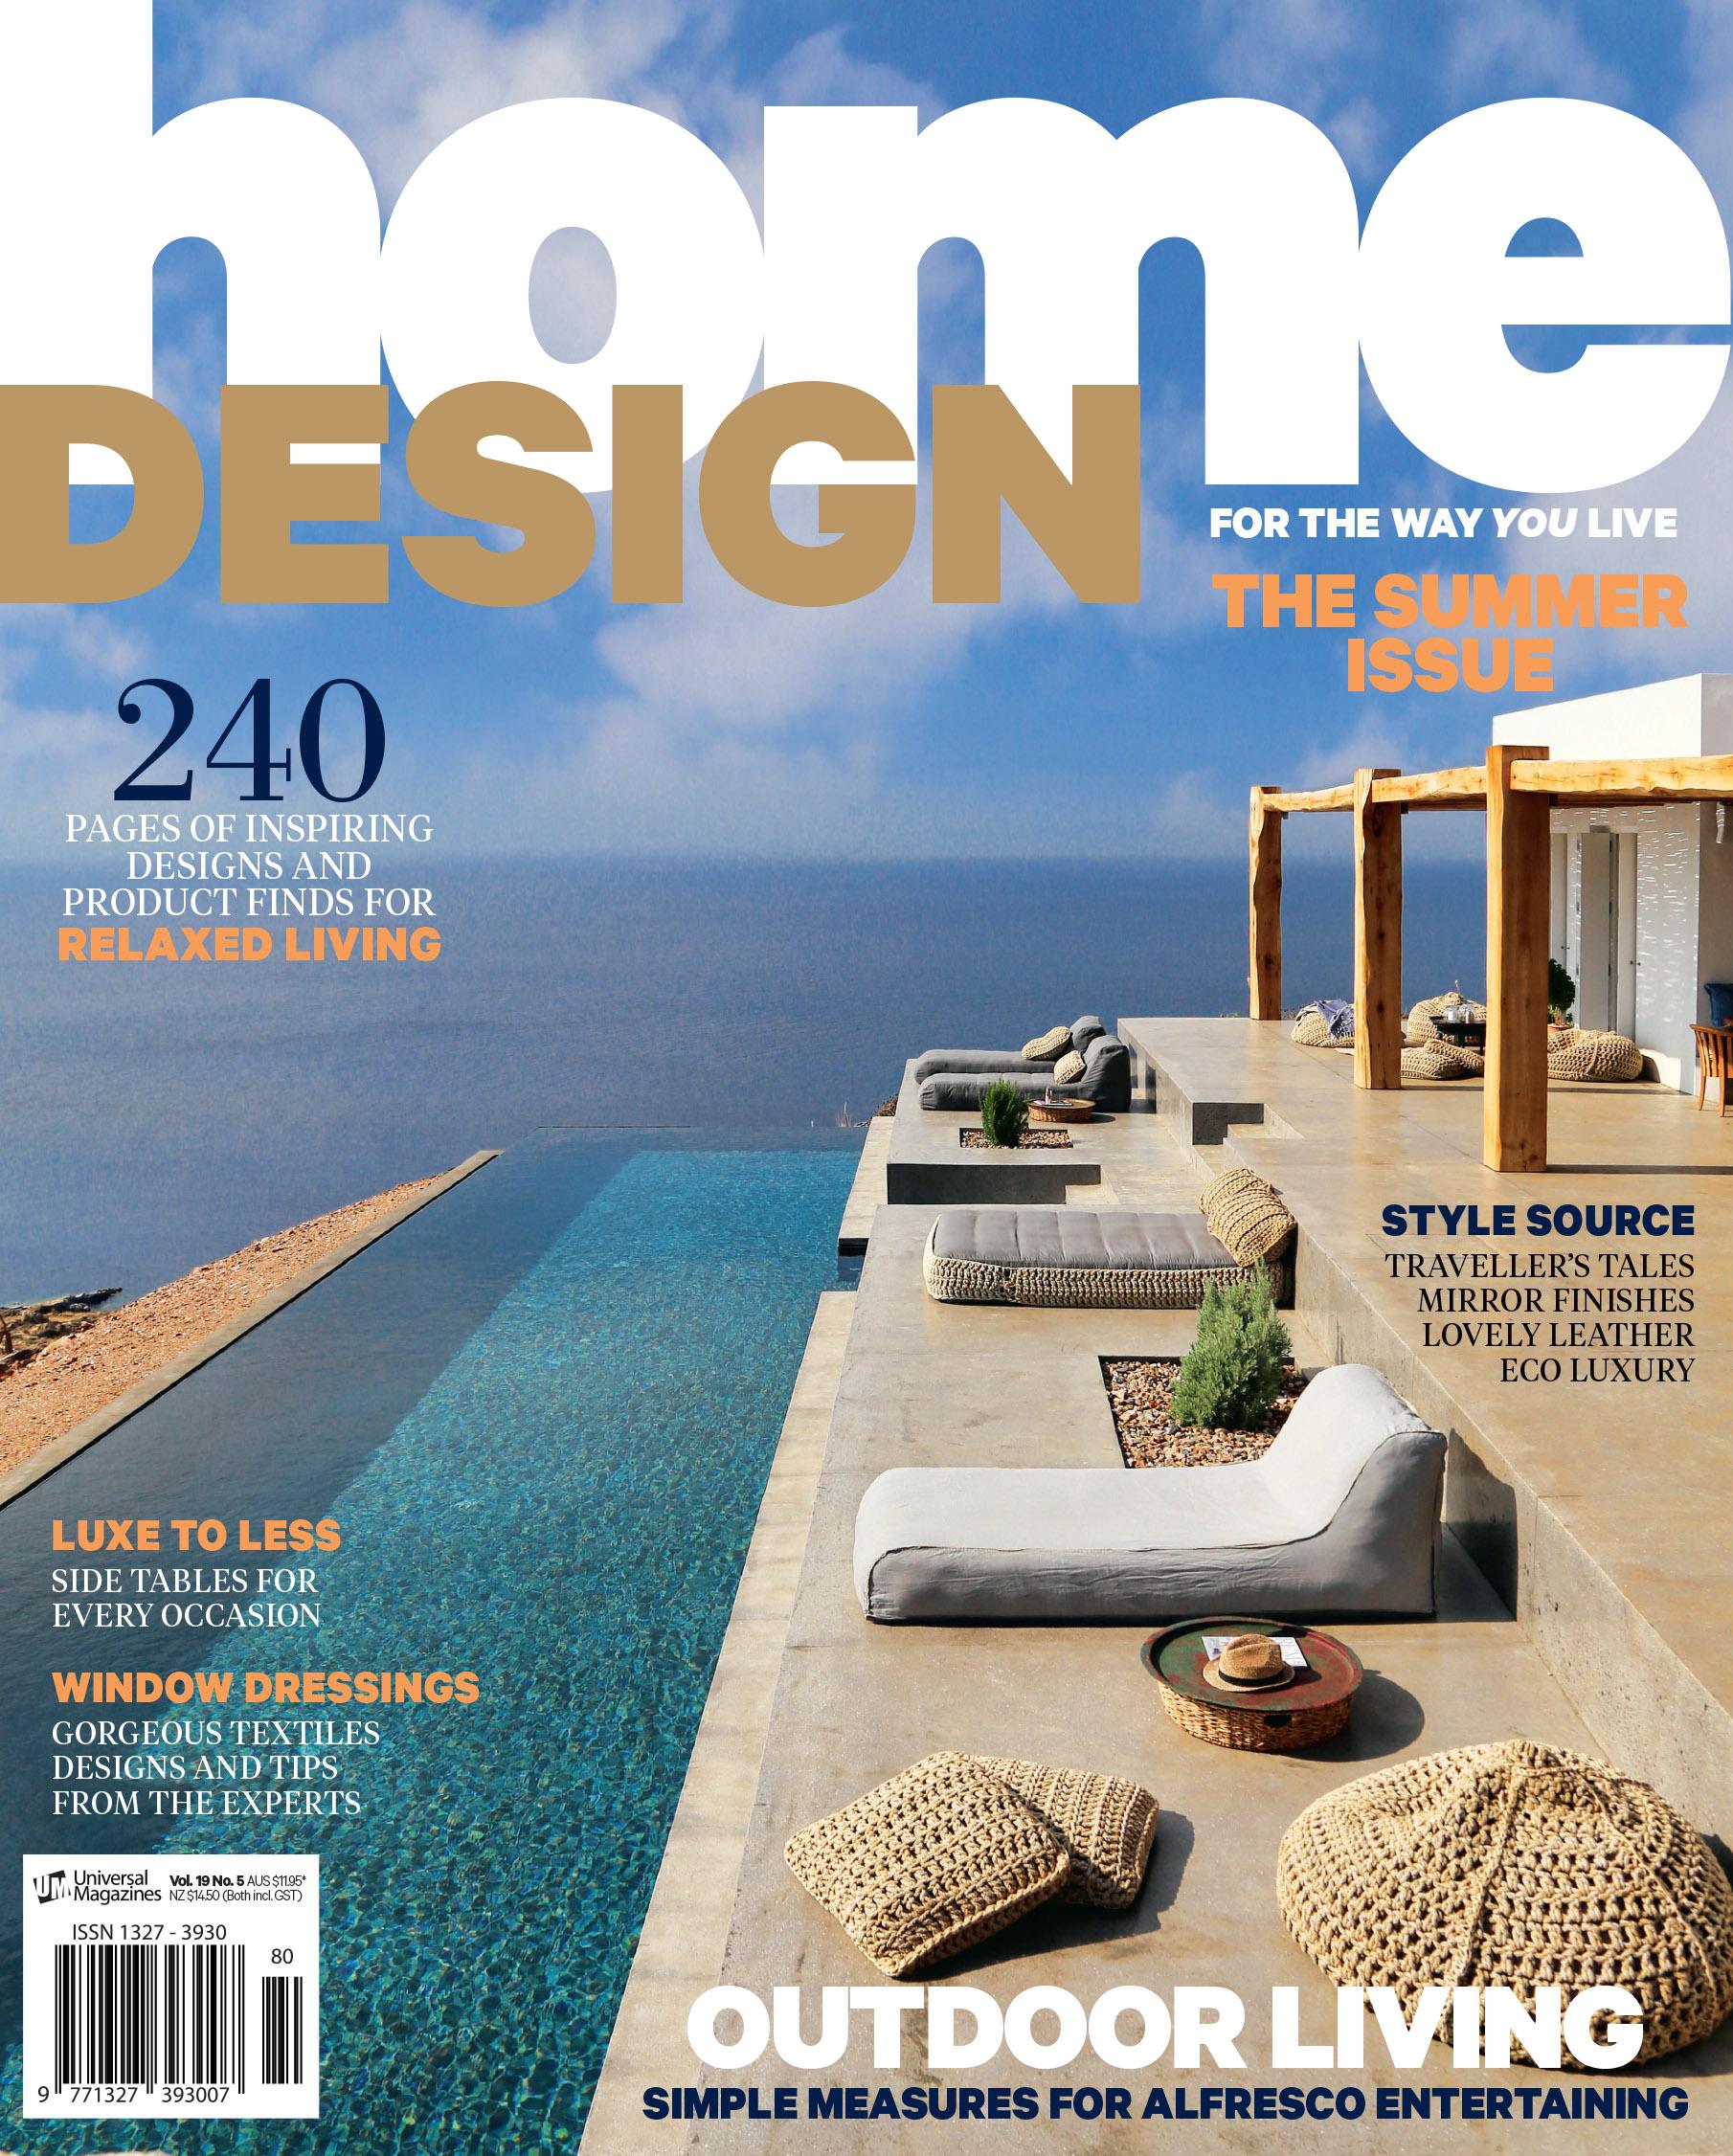 ilanel - Home Design - Vol 19 No 5 - Cover.jpg